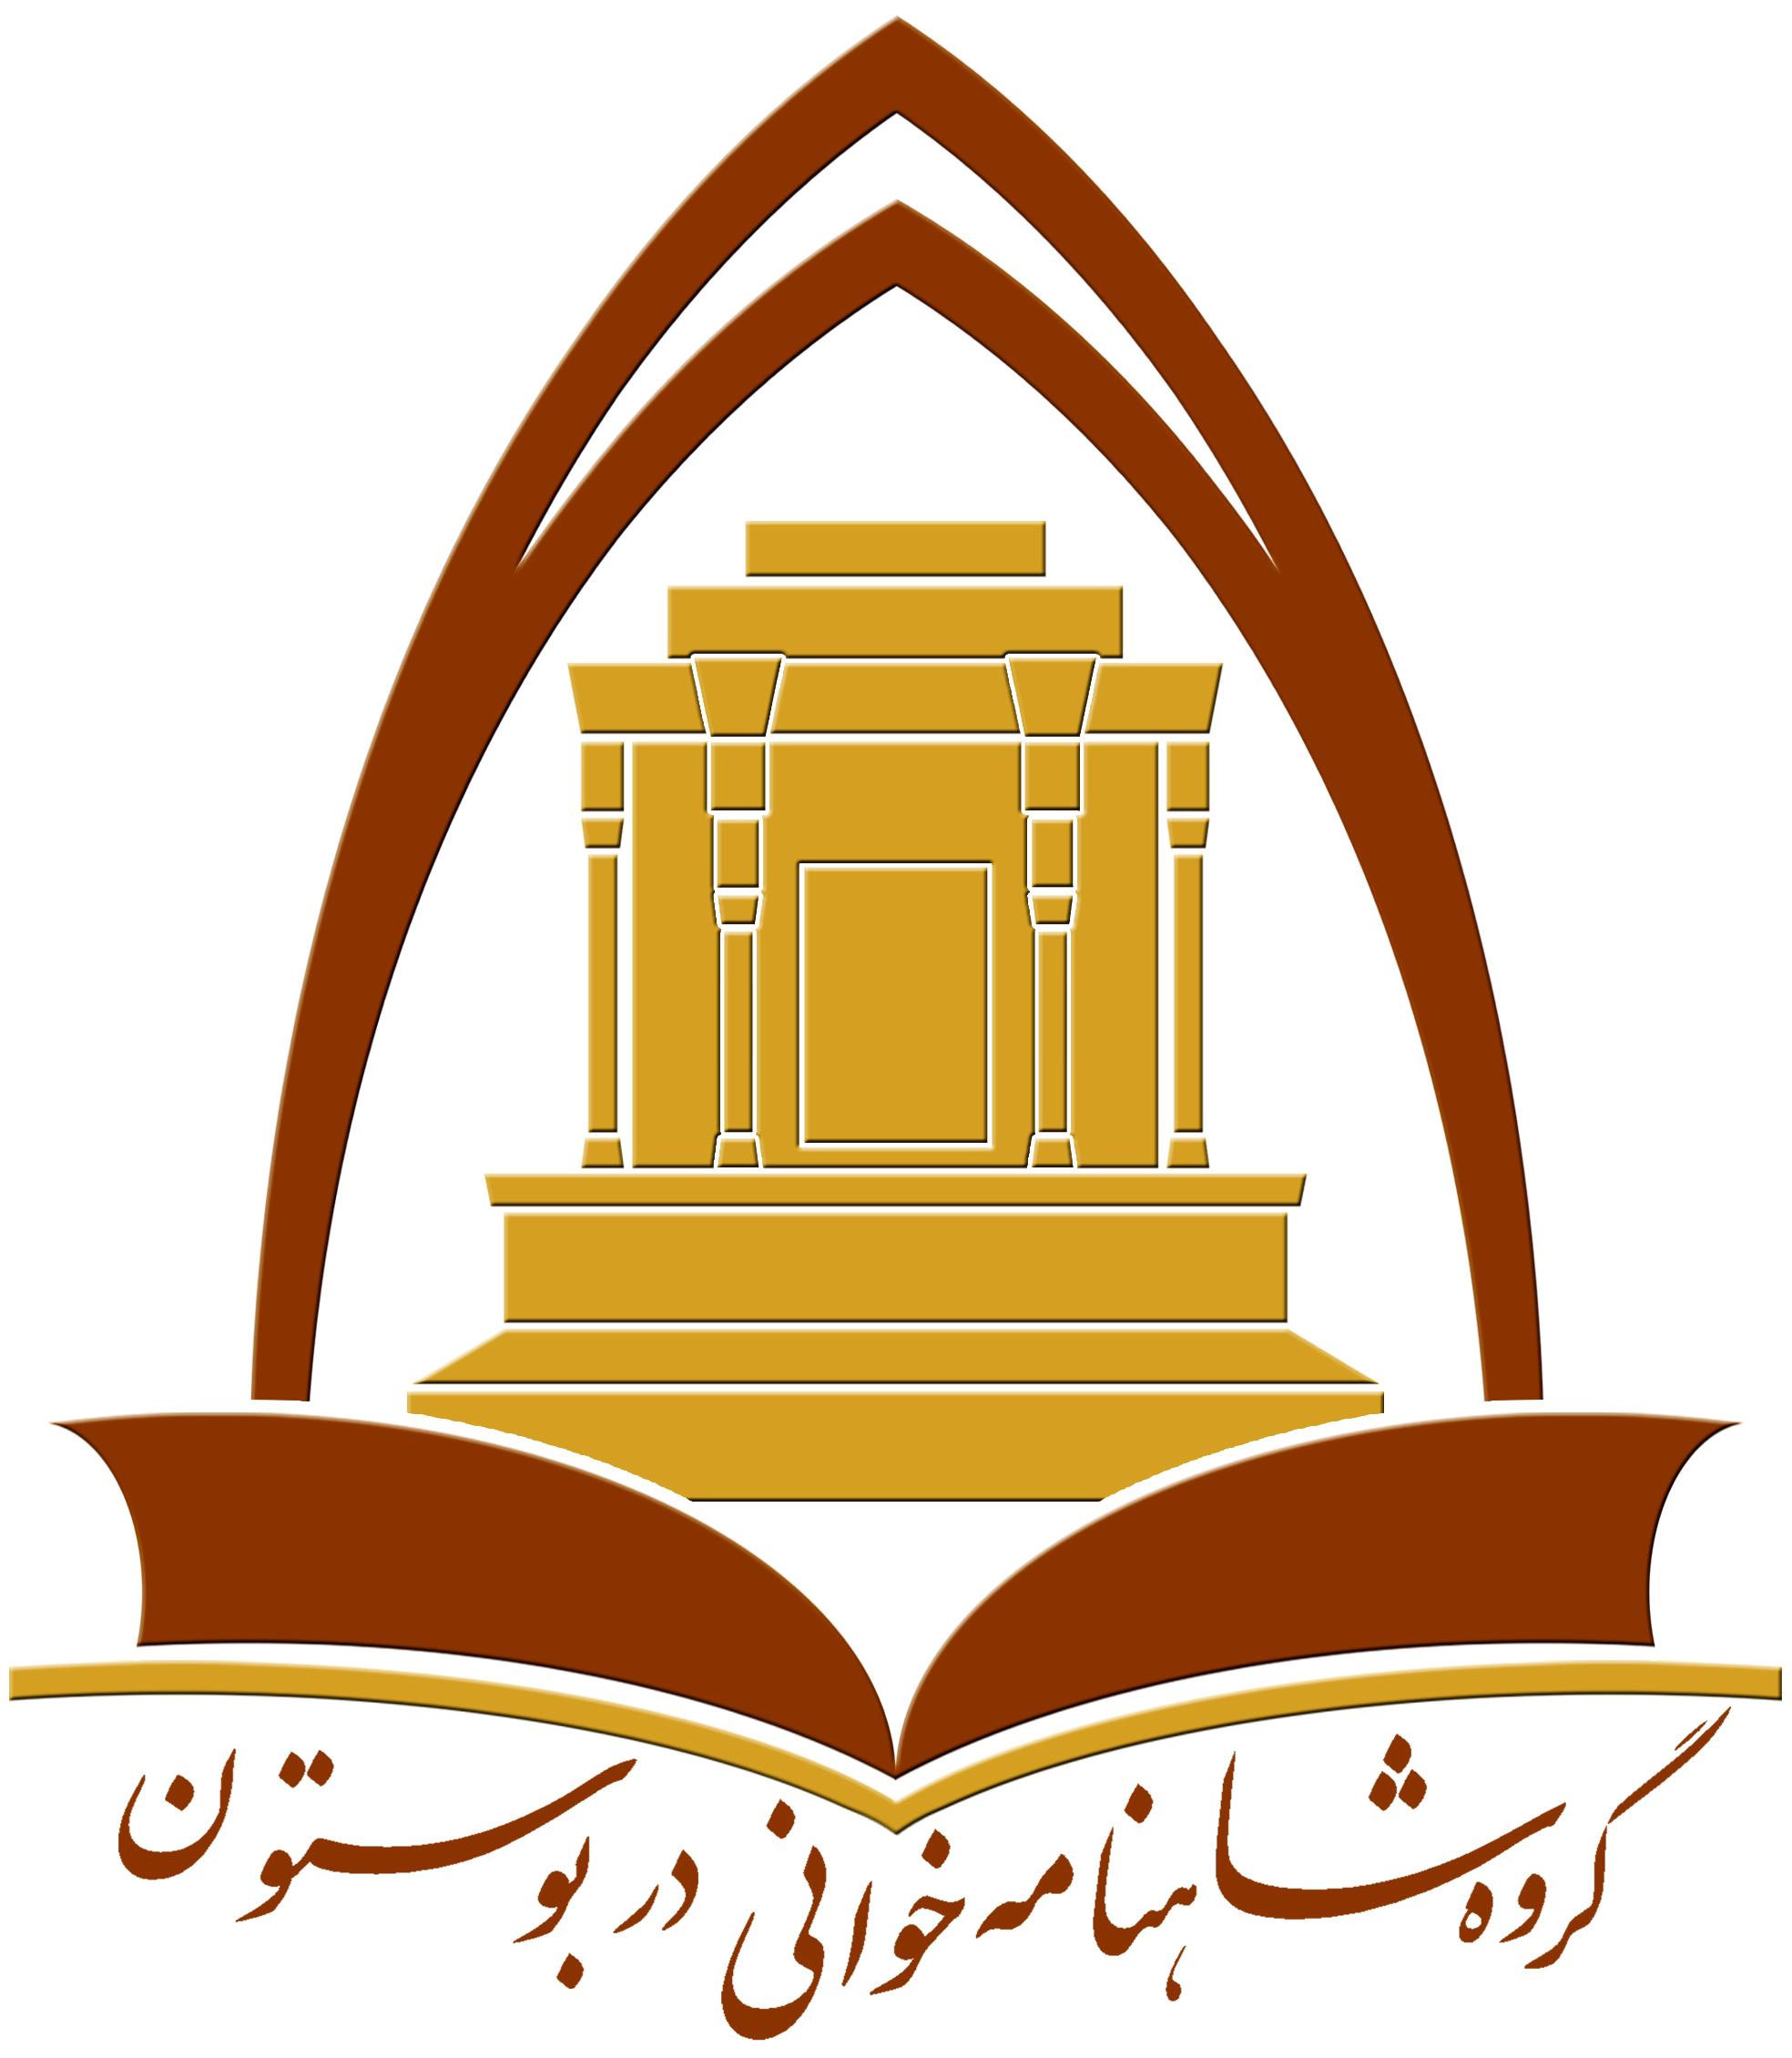 Shahnameh Khani – Shahnameh